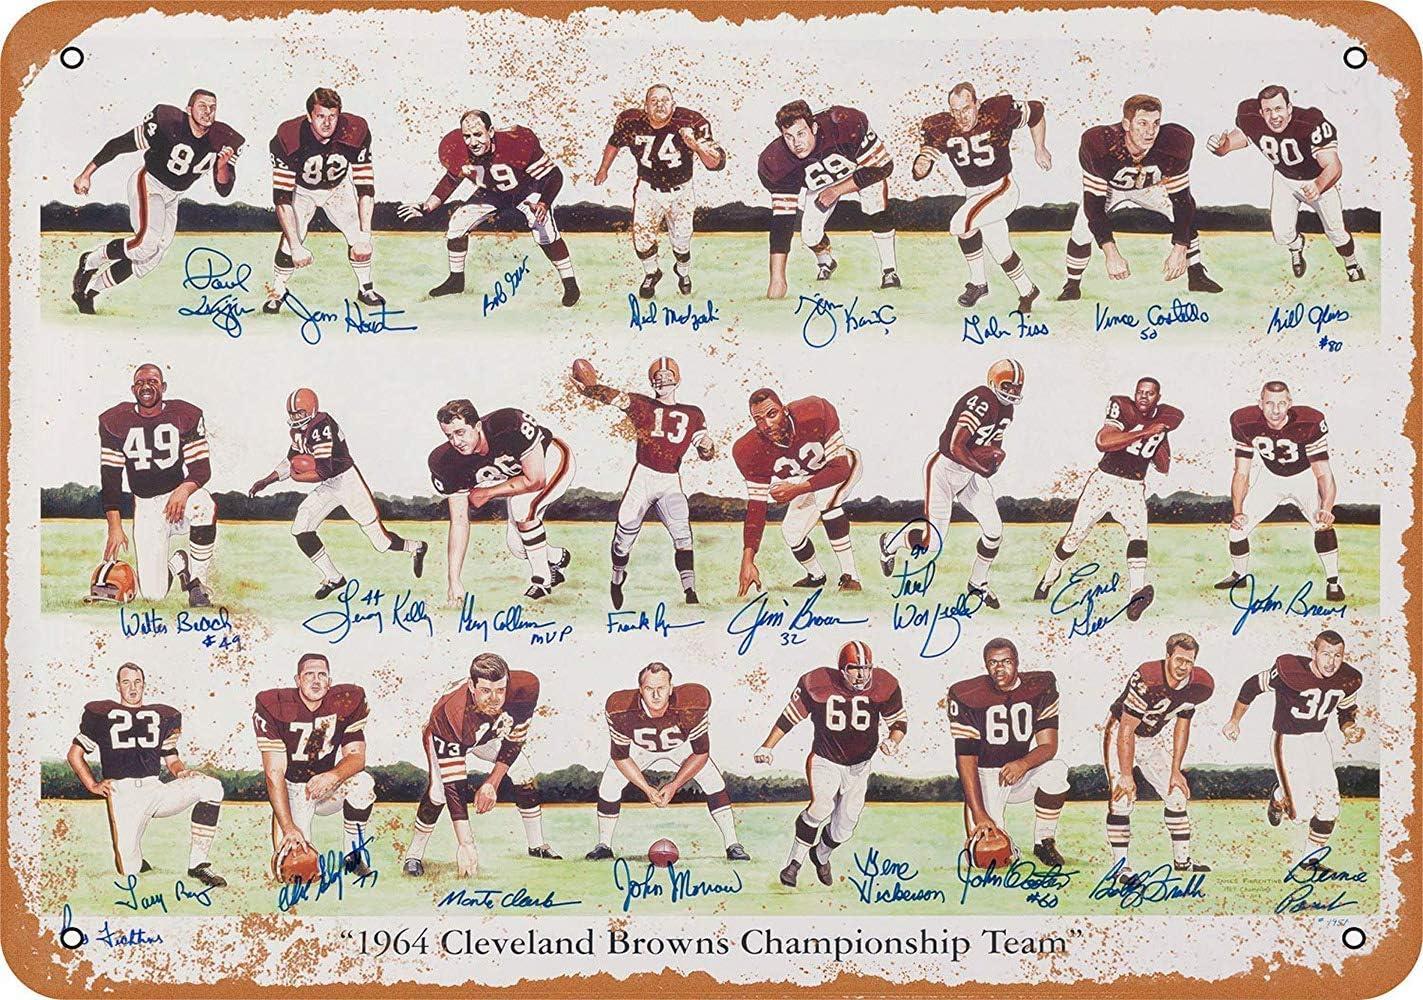 NOT Cleveland Browns Placa de Cartel de Chapa Vintage Retro Cartel ...